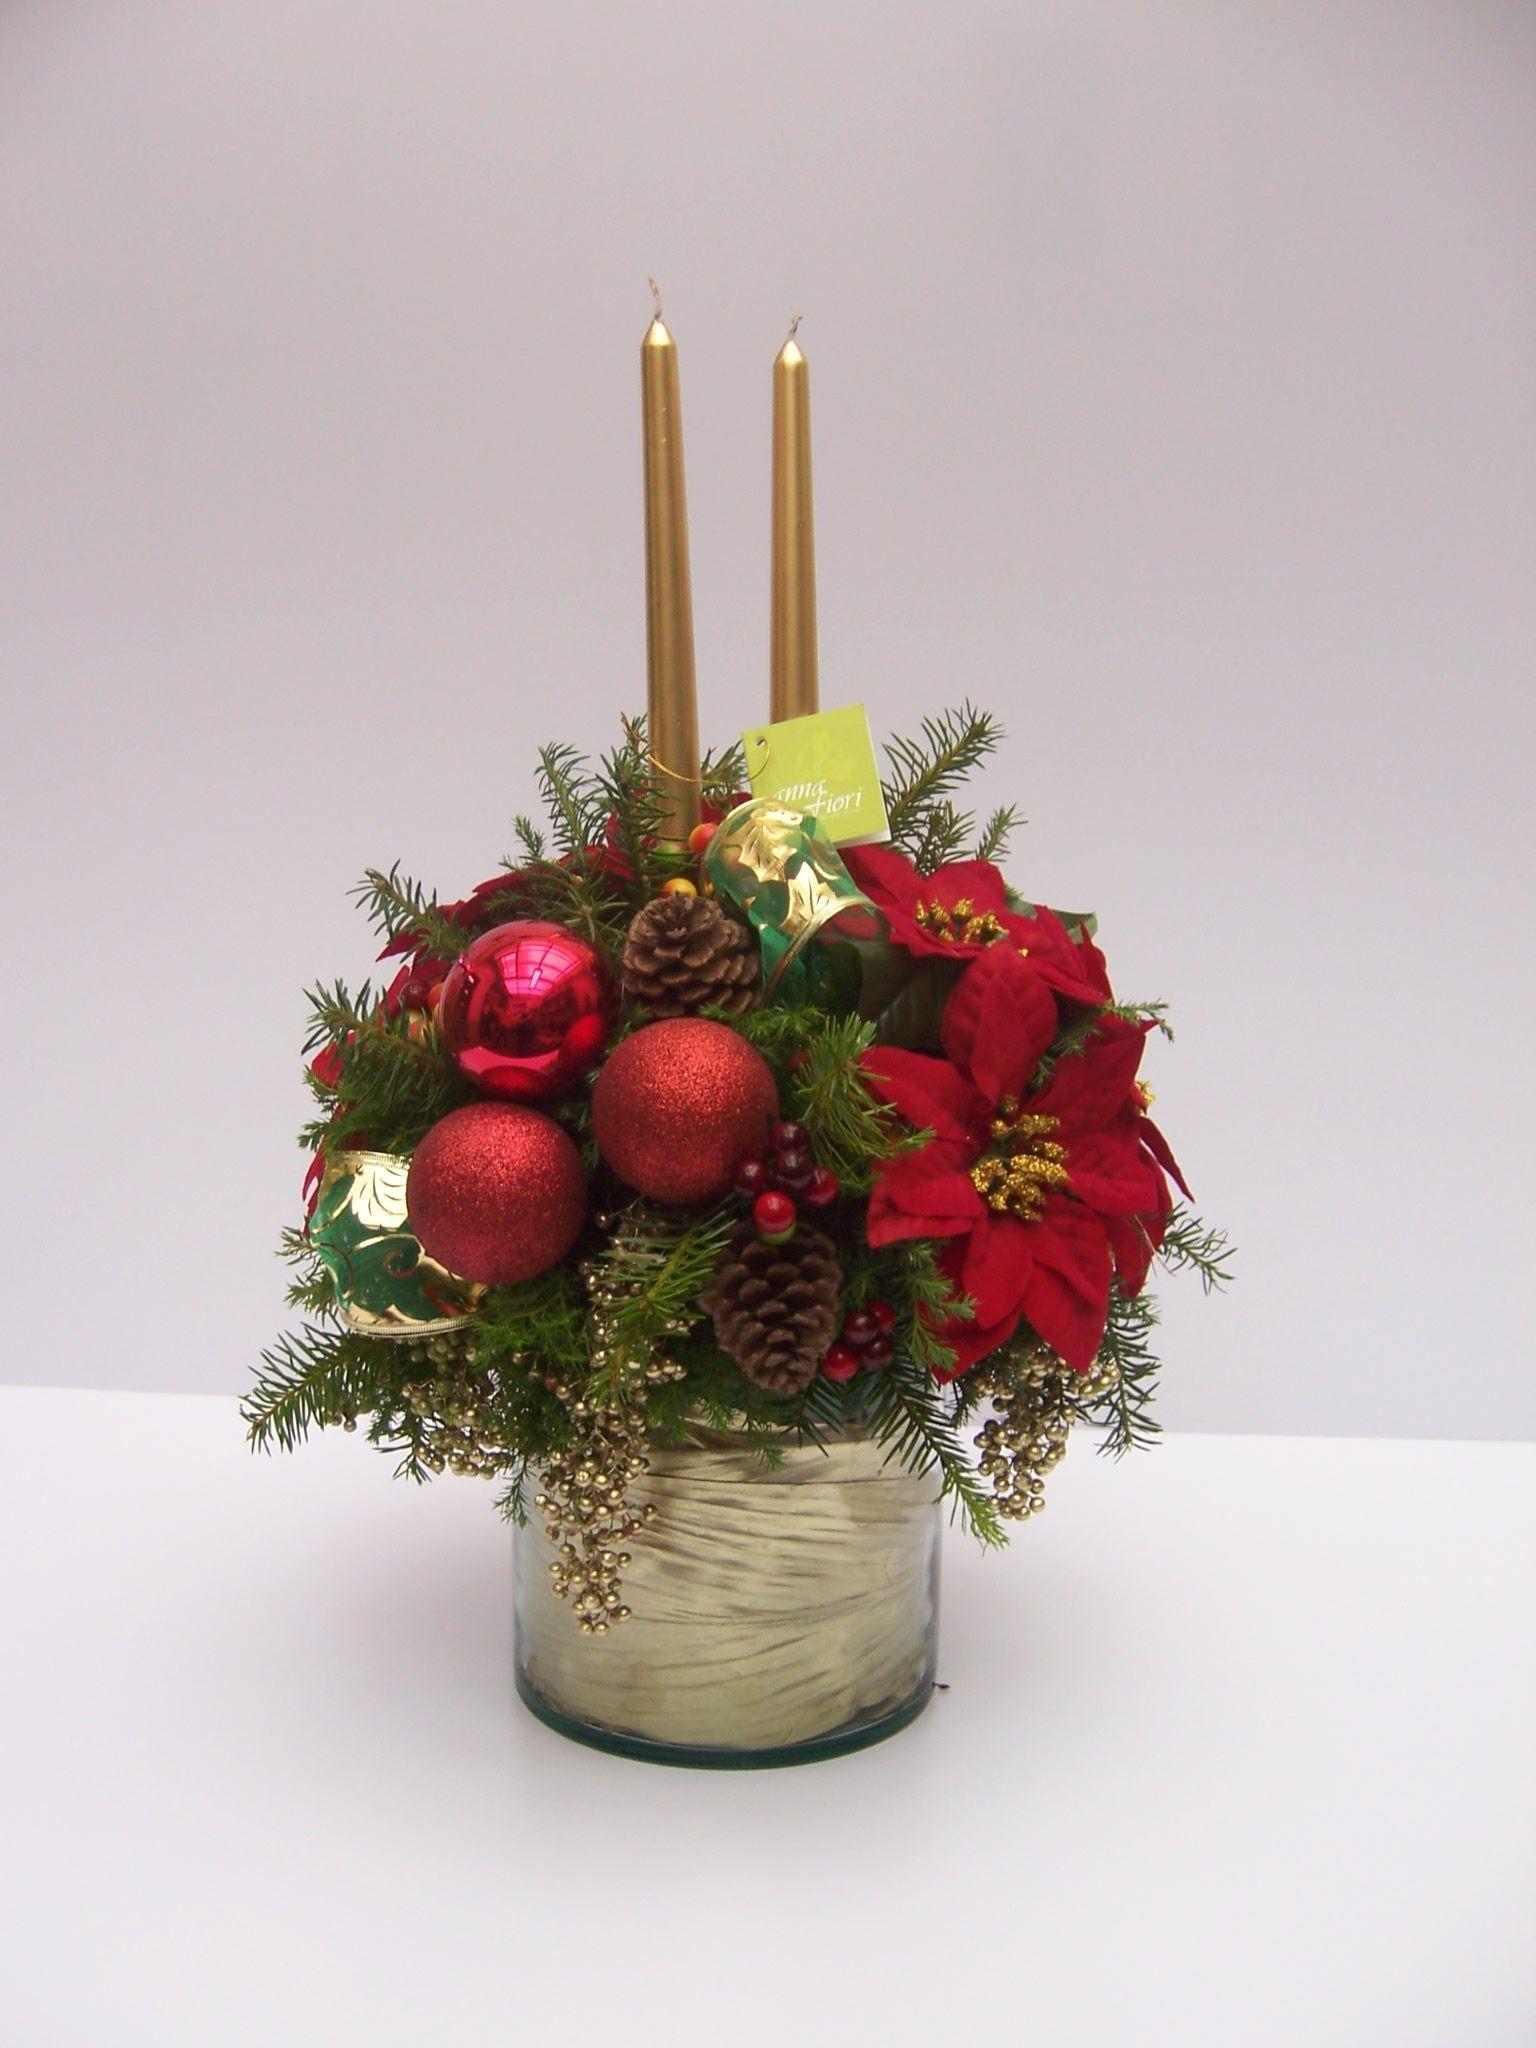 centro de mesa para navidad con velas pinteres